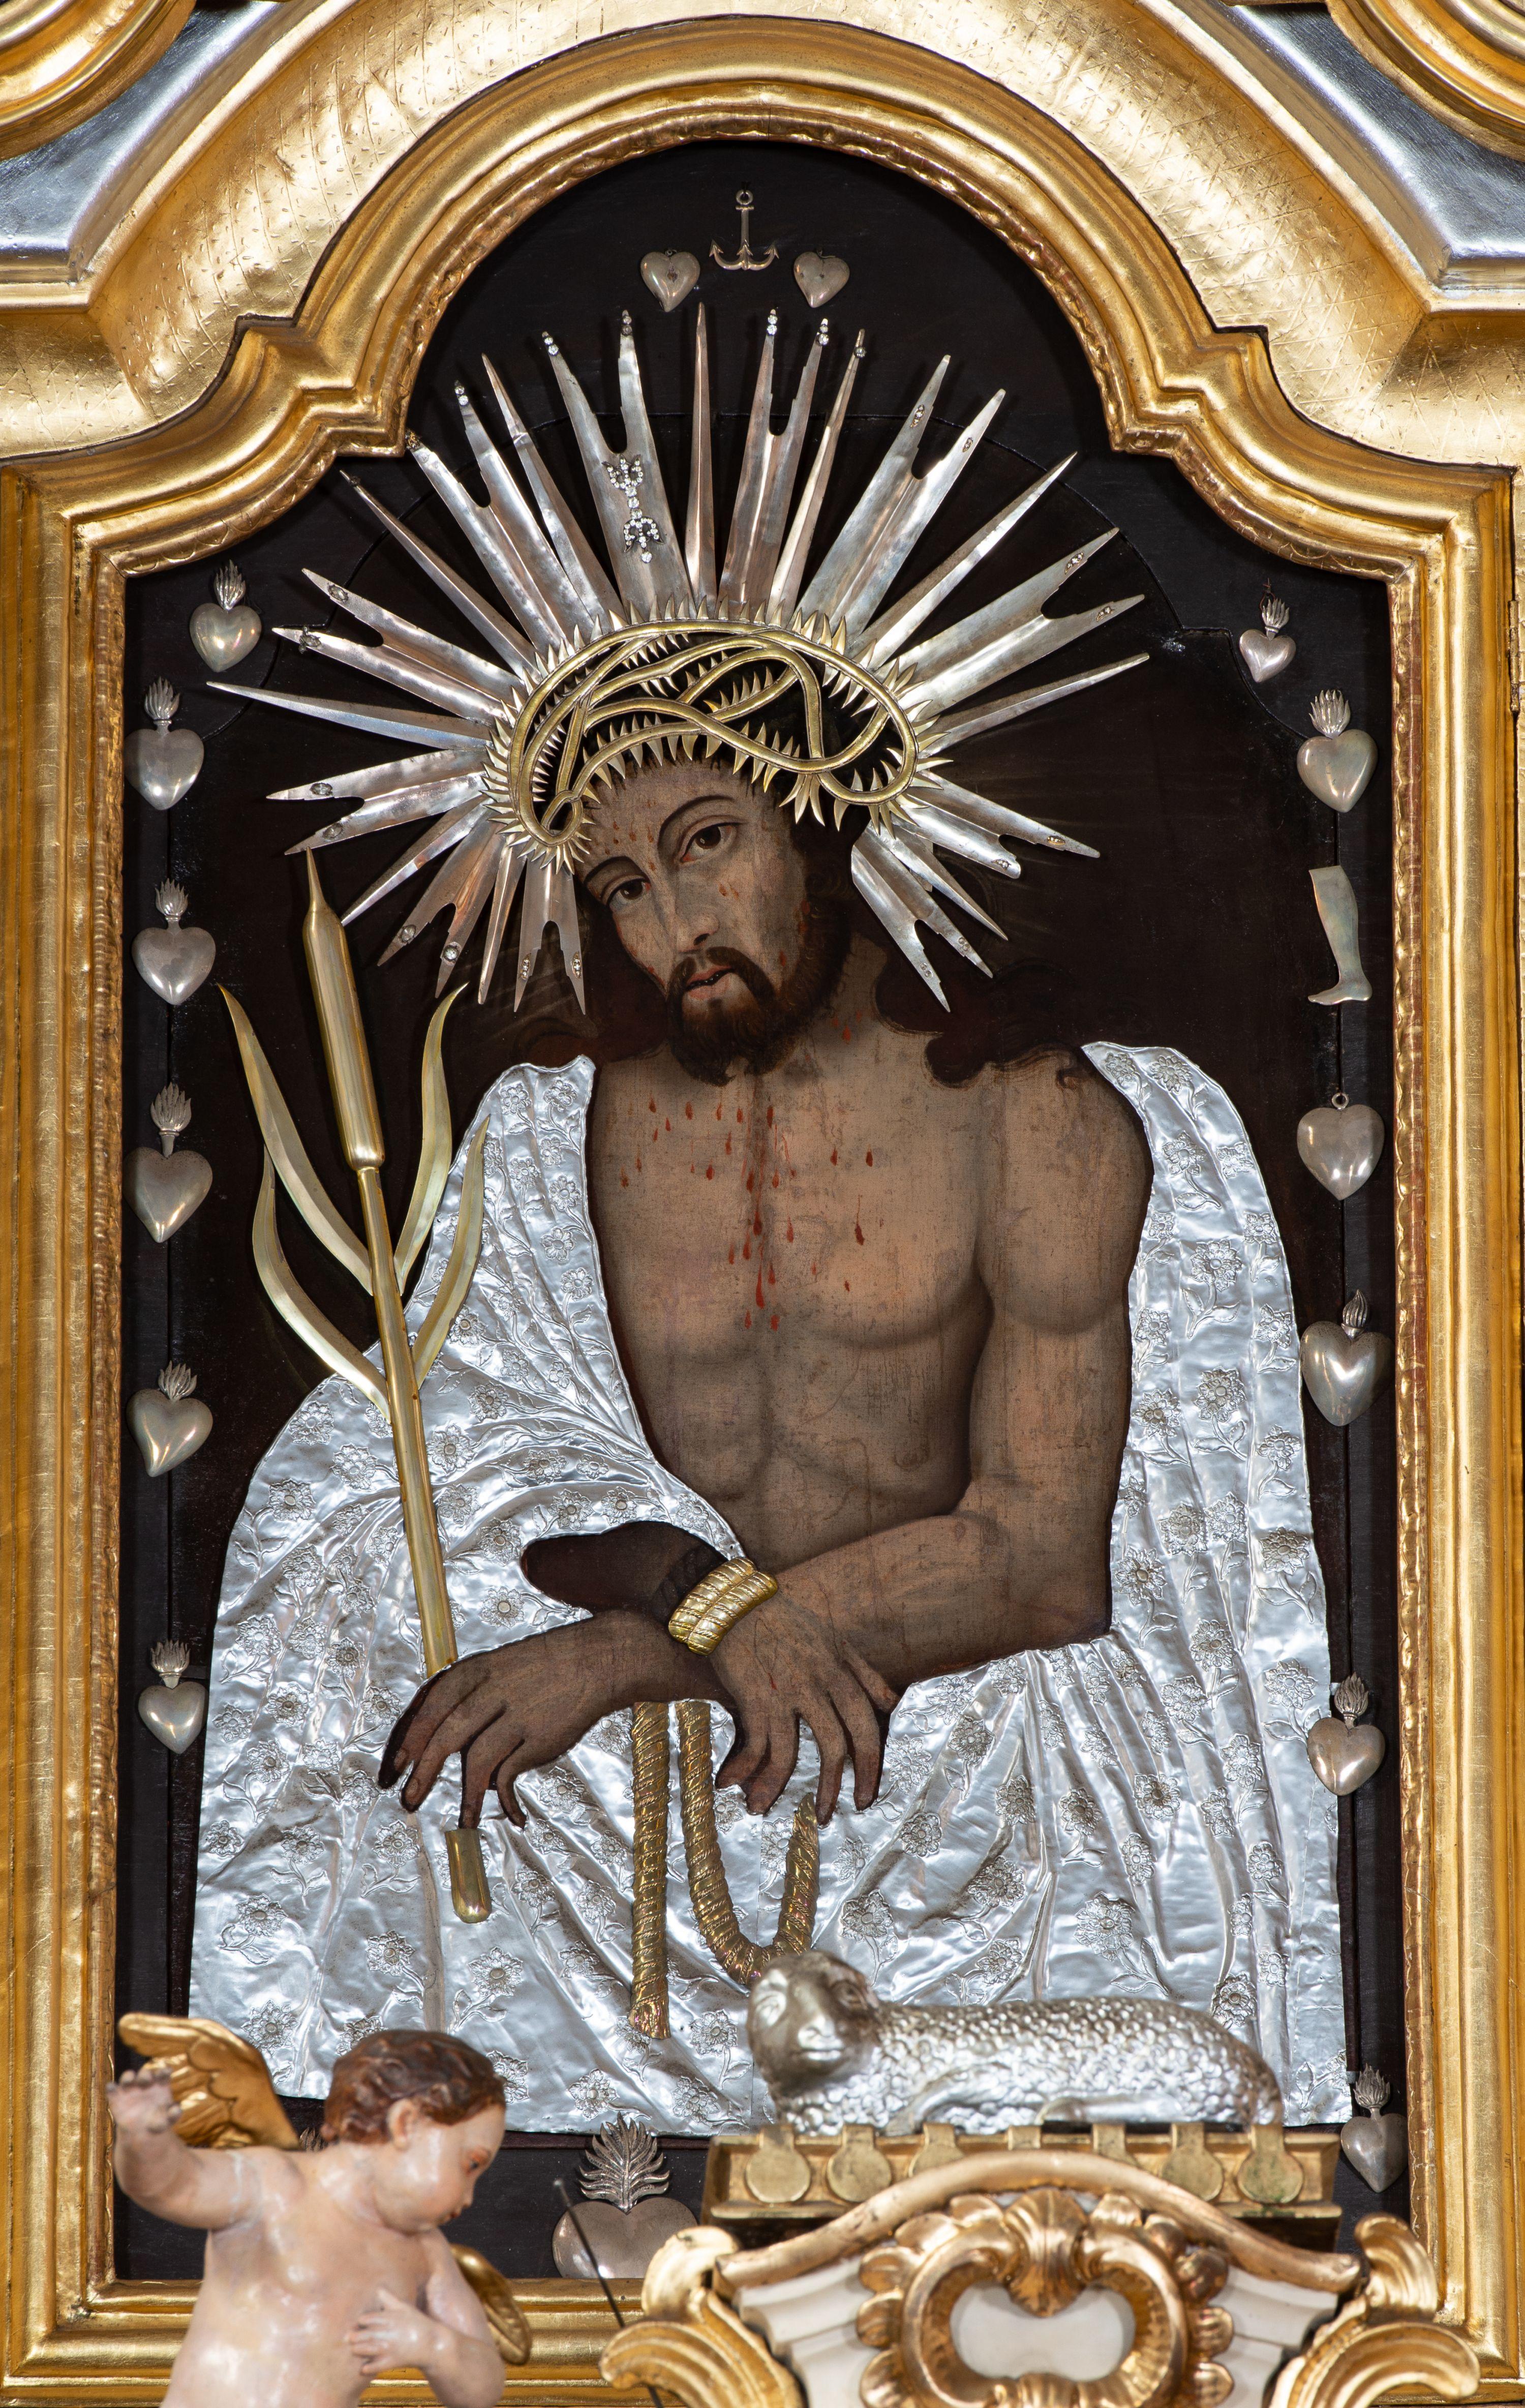 Chrystus Bielański – Ecce Homo, 1703-1704 r., autor nieznany, ołtarz w kościele pw. św. Macieja Apostoła w Bielanach, źródło: Sakralne Dziedzictwo Małopolski